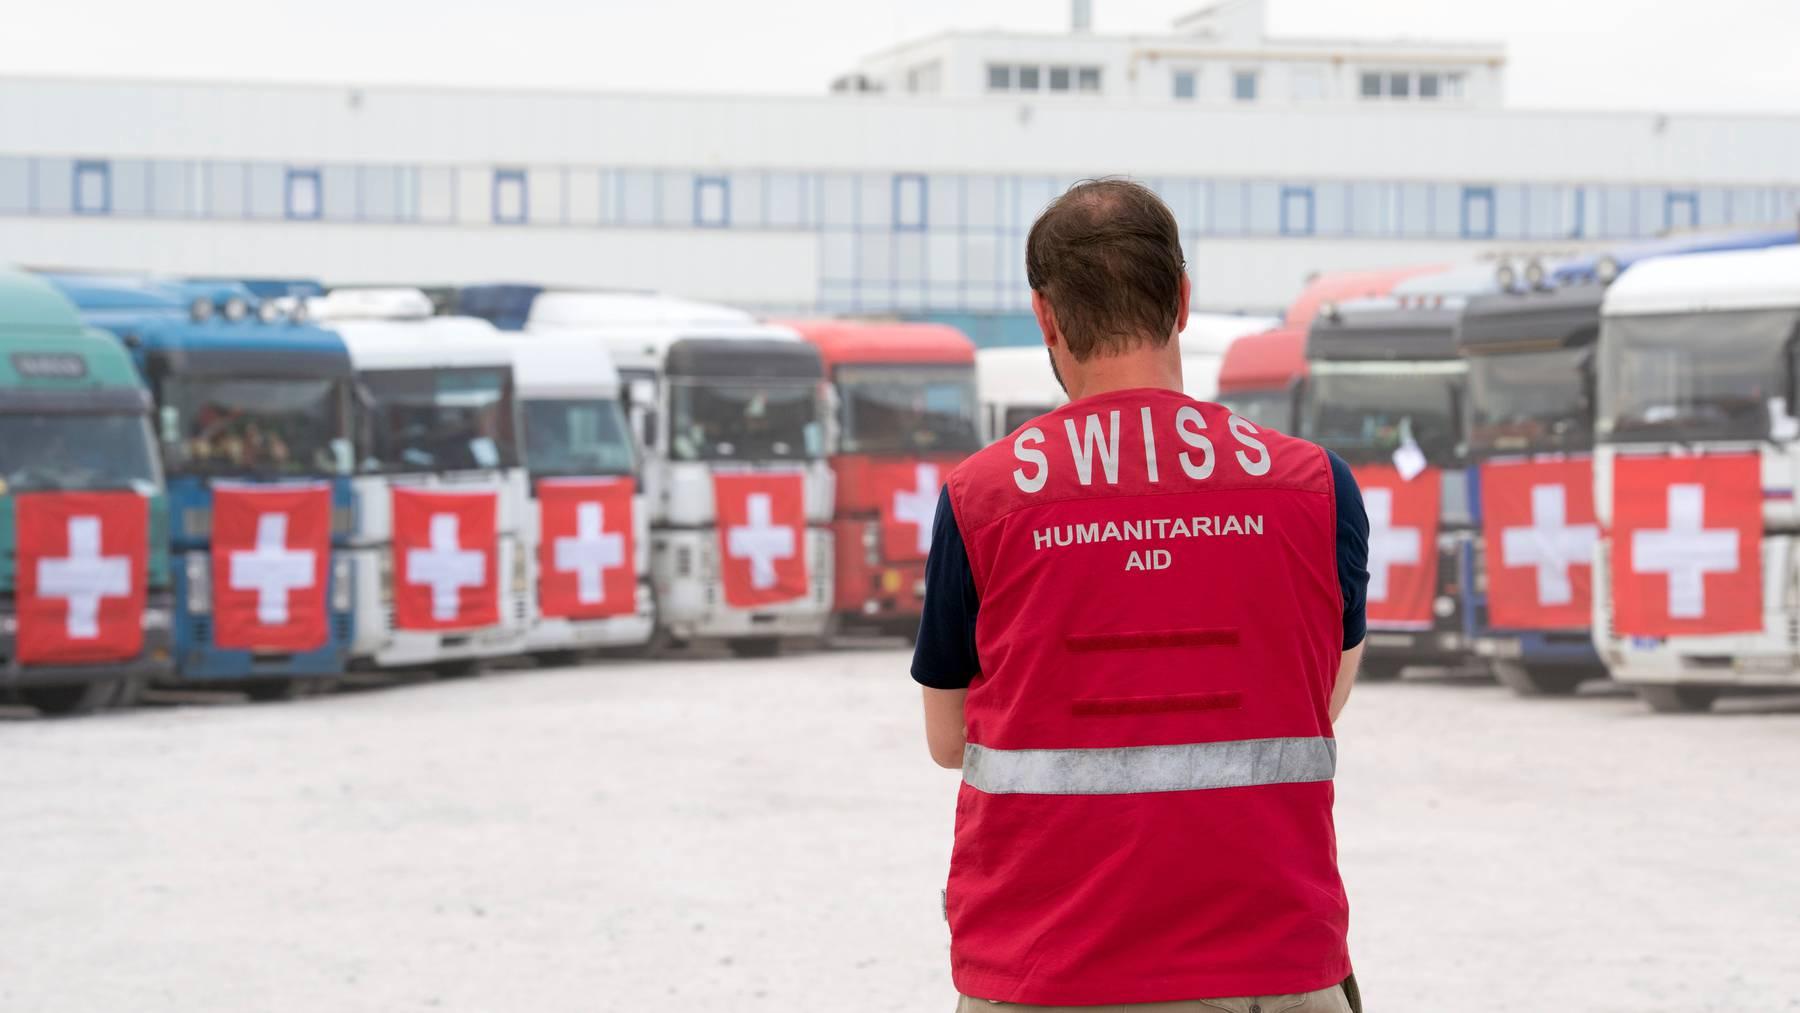 Es ist bereits der 12. Konvoi der Humanitären Hilfe der Schweiz. (Archivbild)